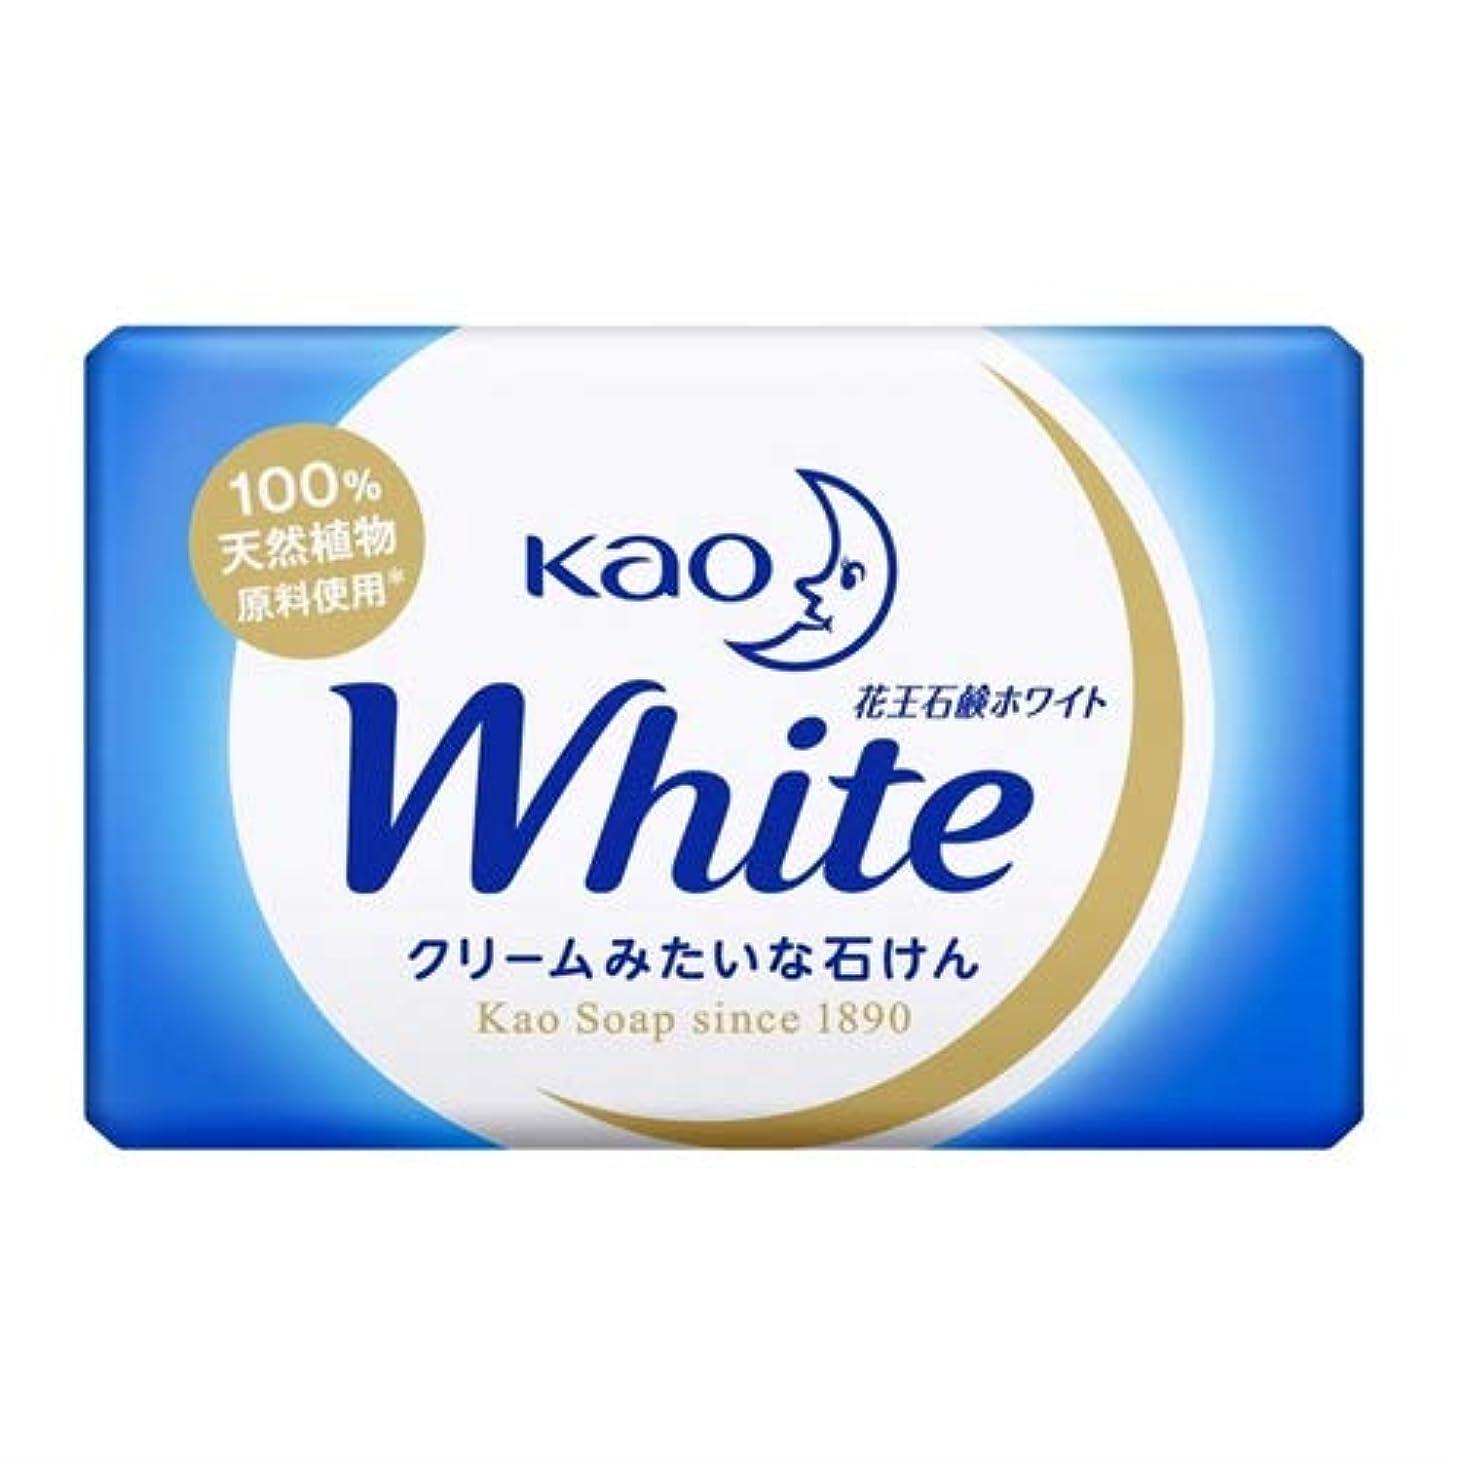 暴露するどれ抵抗花王石鹸ホワイト 業務用ミニサイズ 15g × 10個セット